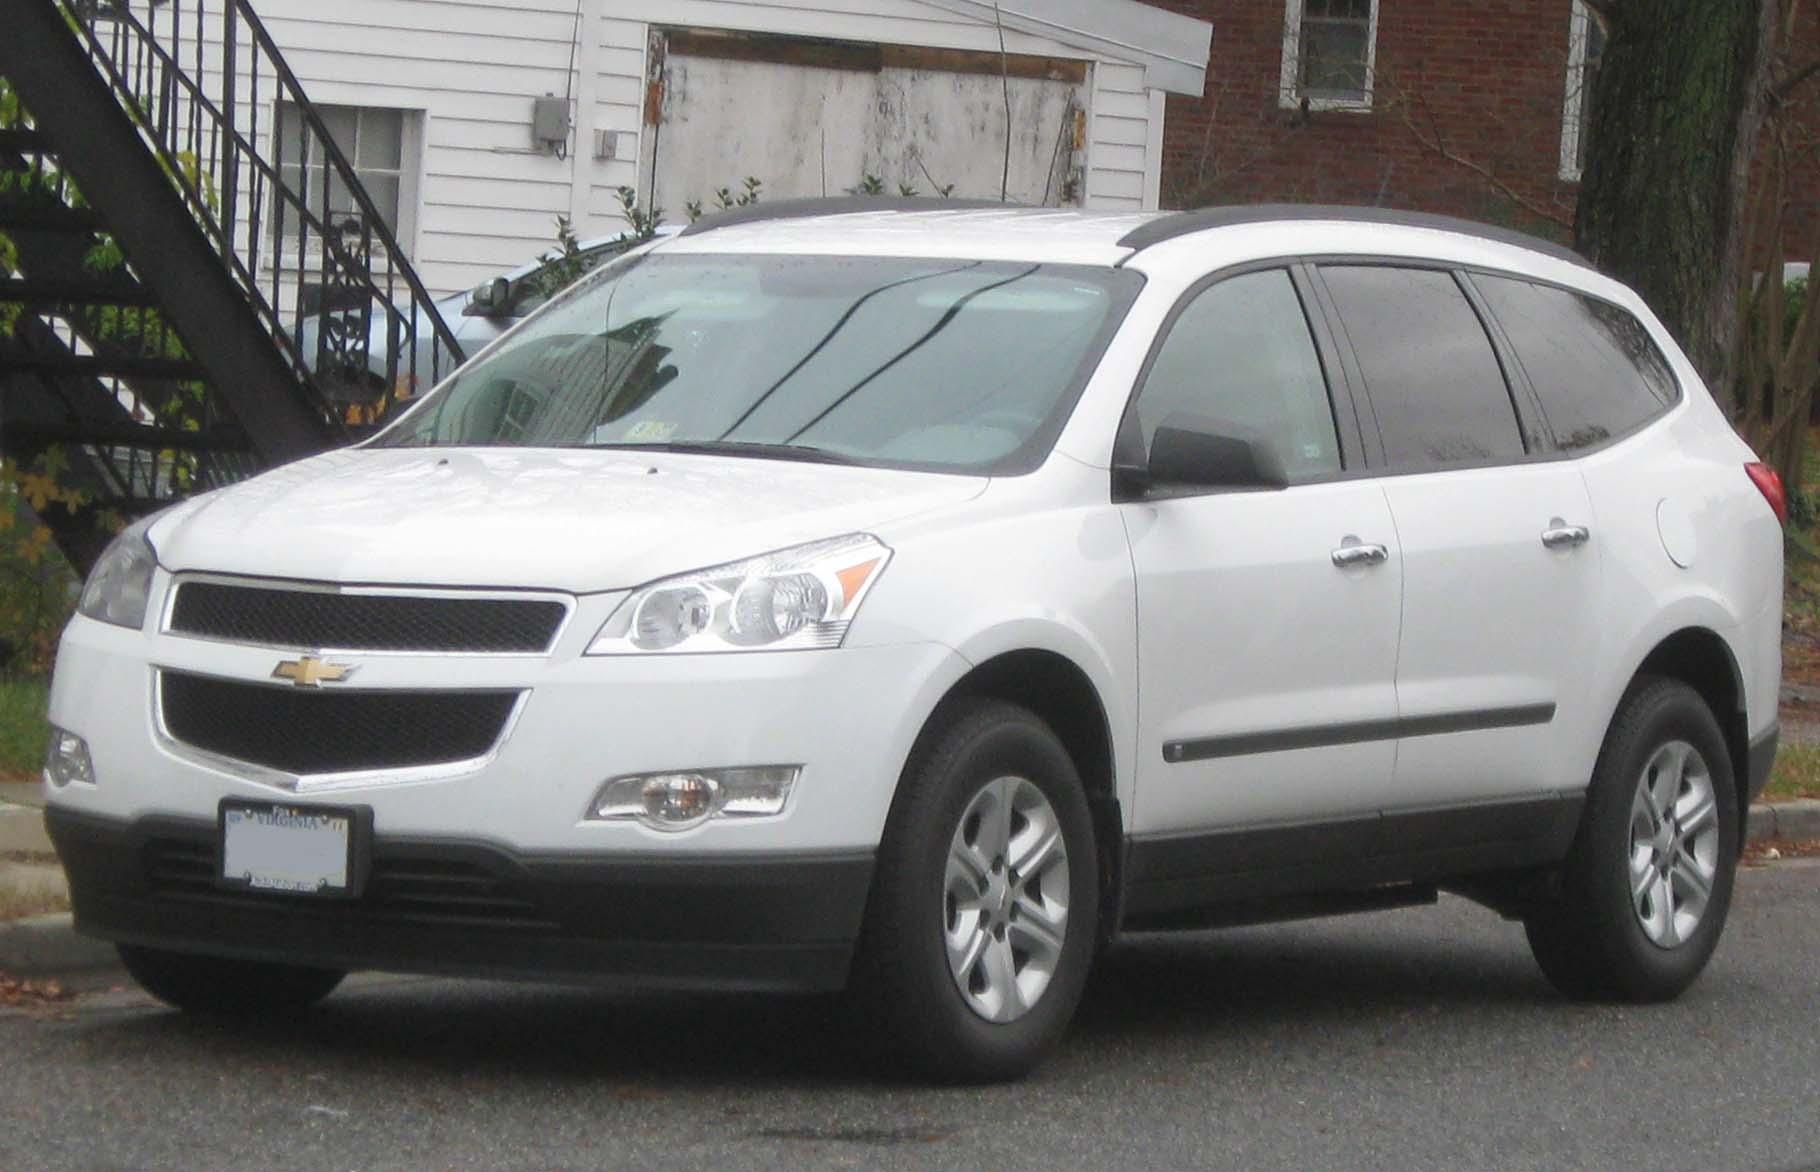 Chevrolet Traverse 2009 foto - 1